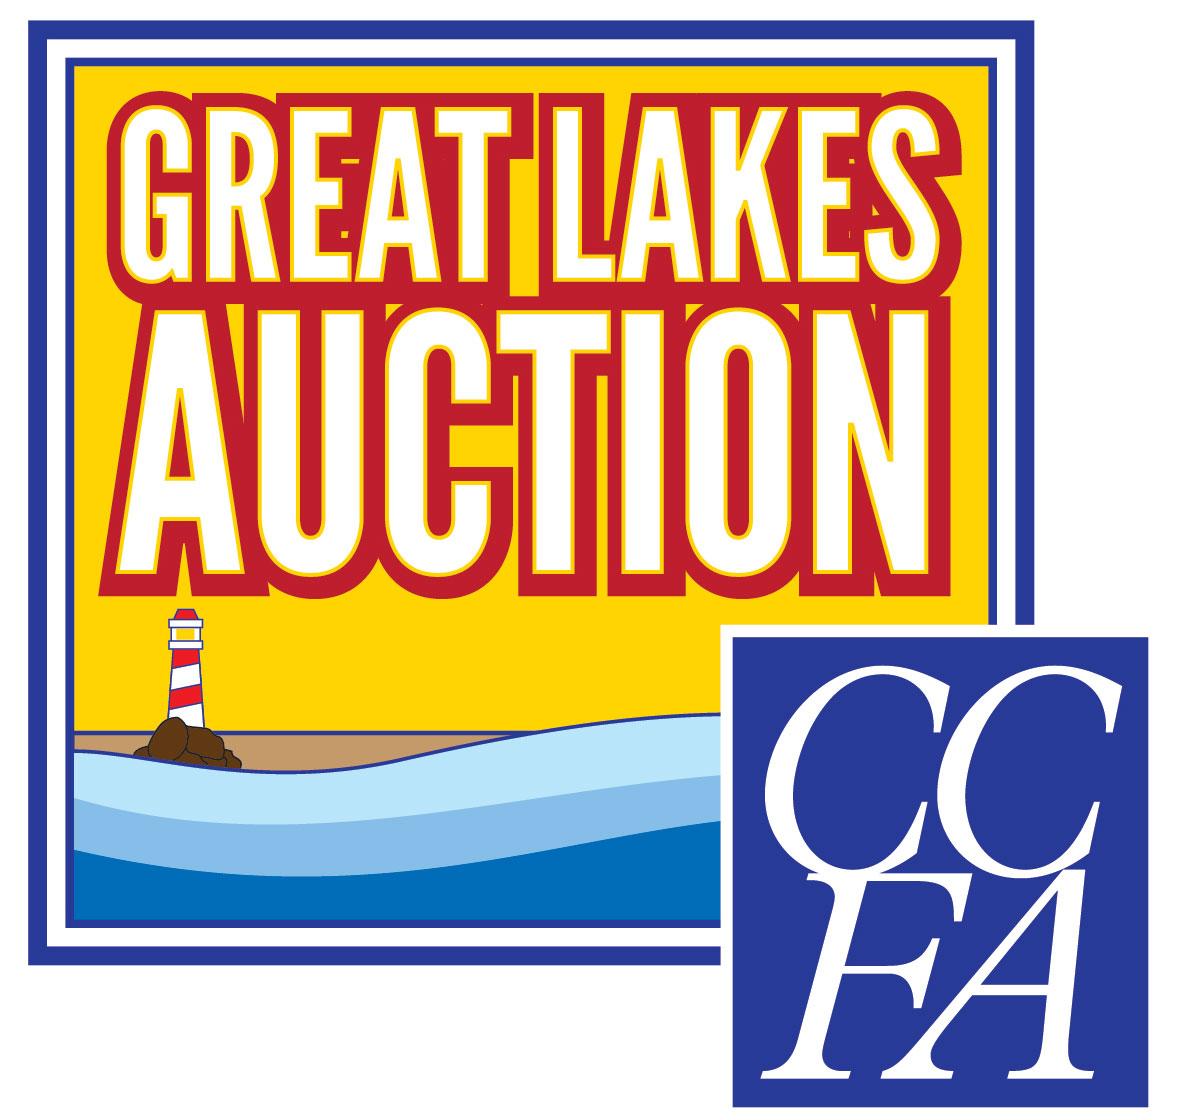 Online Auction Logo.jpg